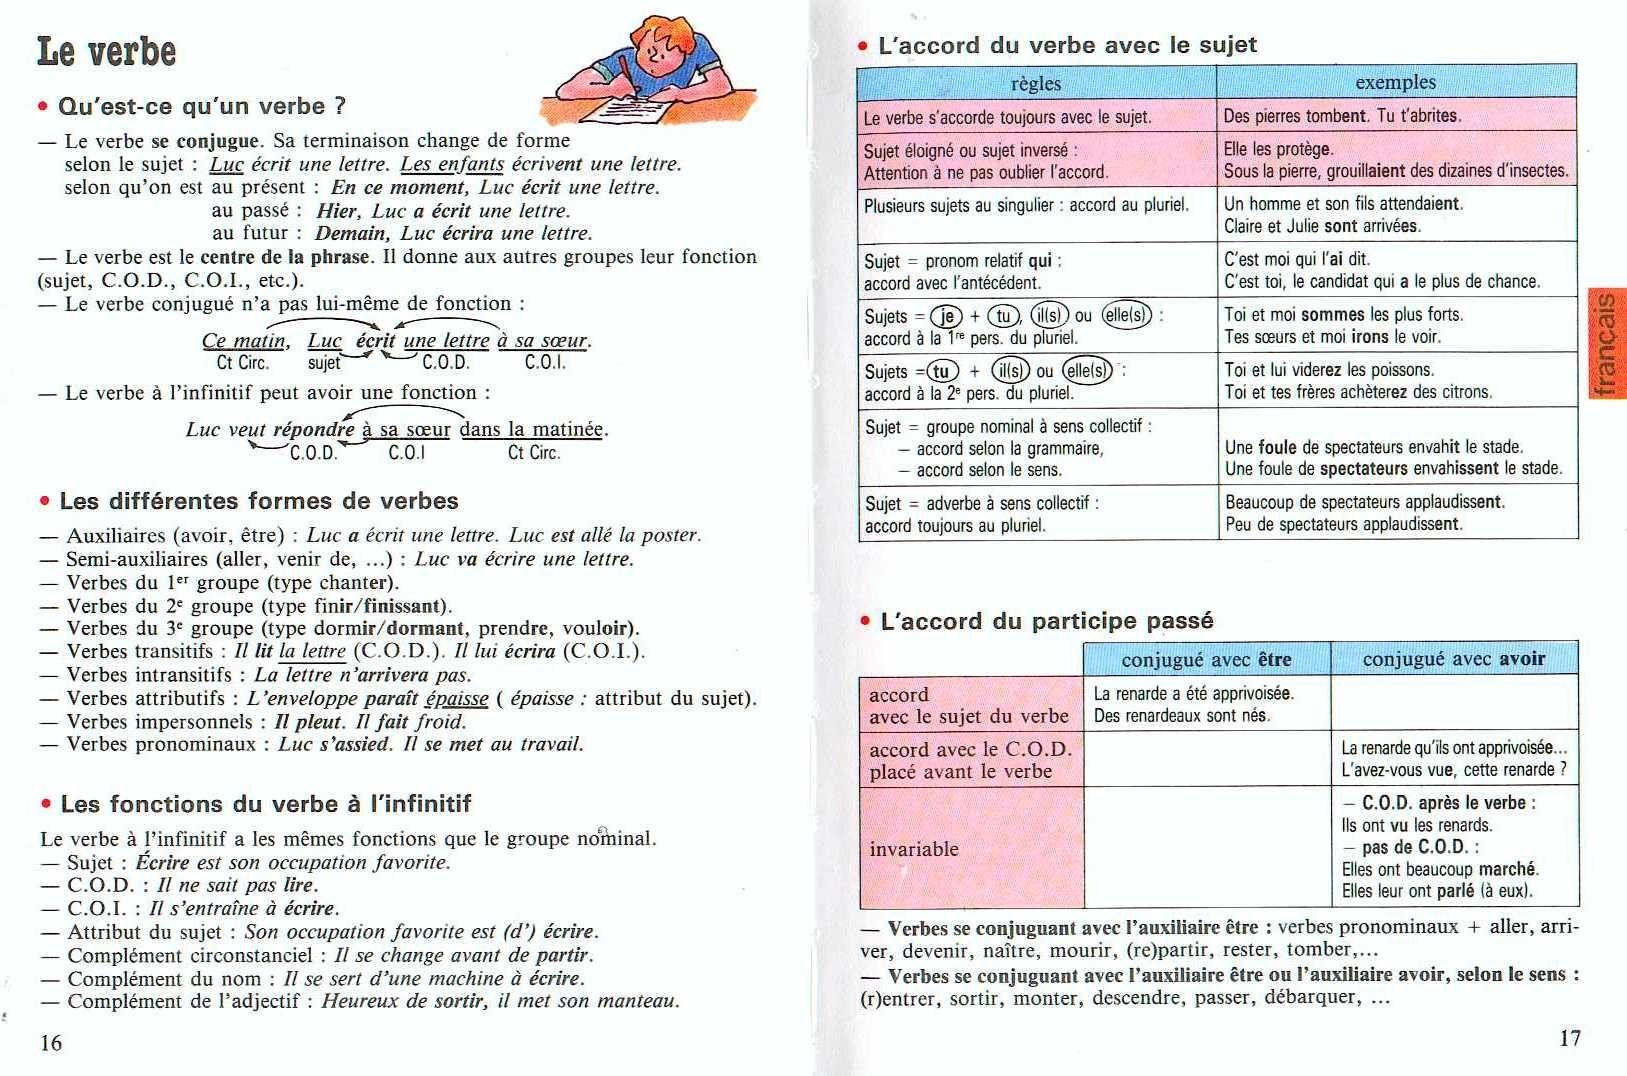 Http Unite5 Wifeo Com Images Memento Cm 6 Jpg Grammaire Francaise Apprendre Le Francais Grammaire